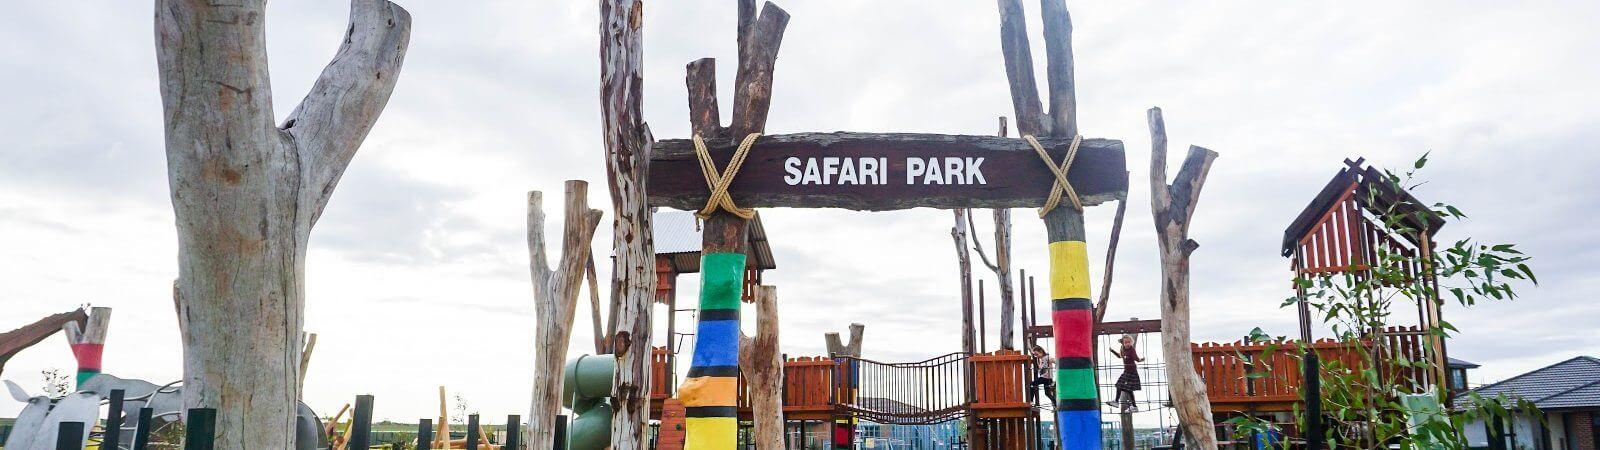 HOT: Safari Park, Werribee